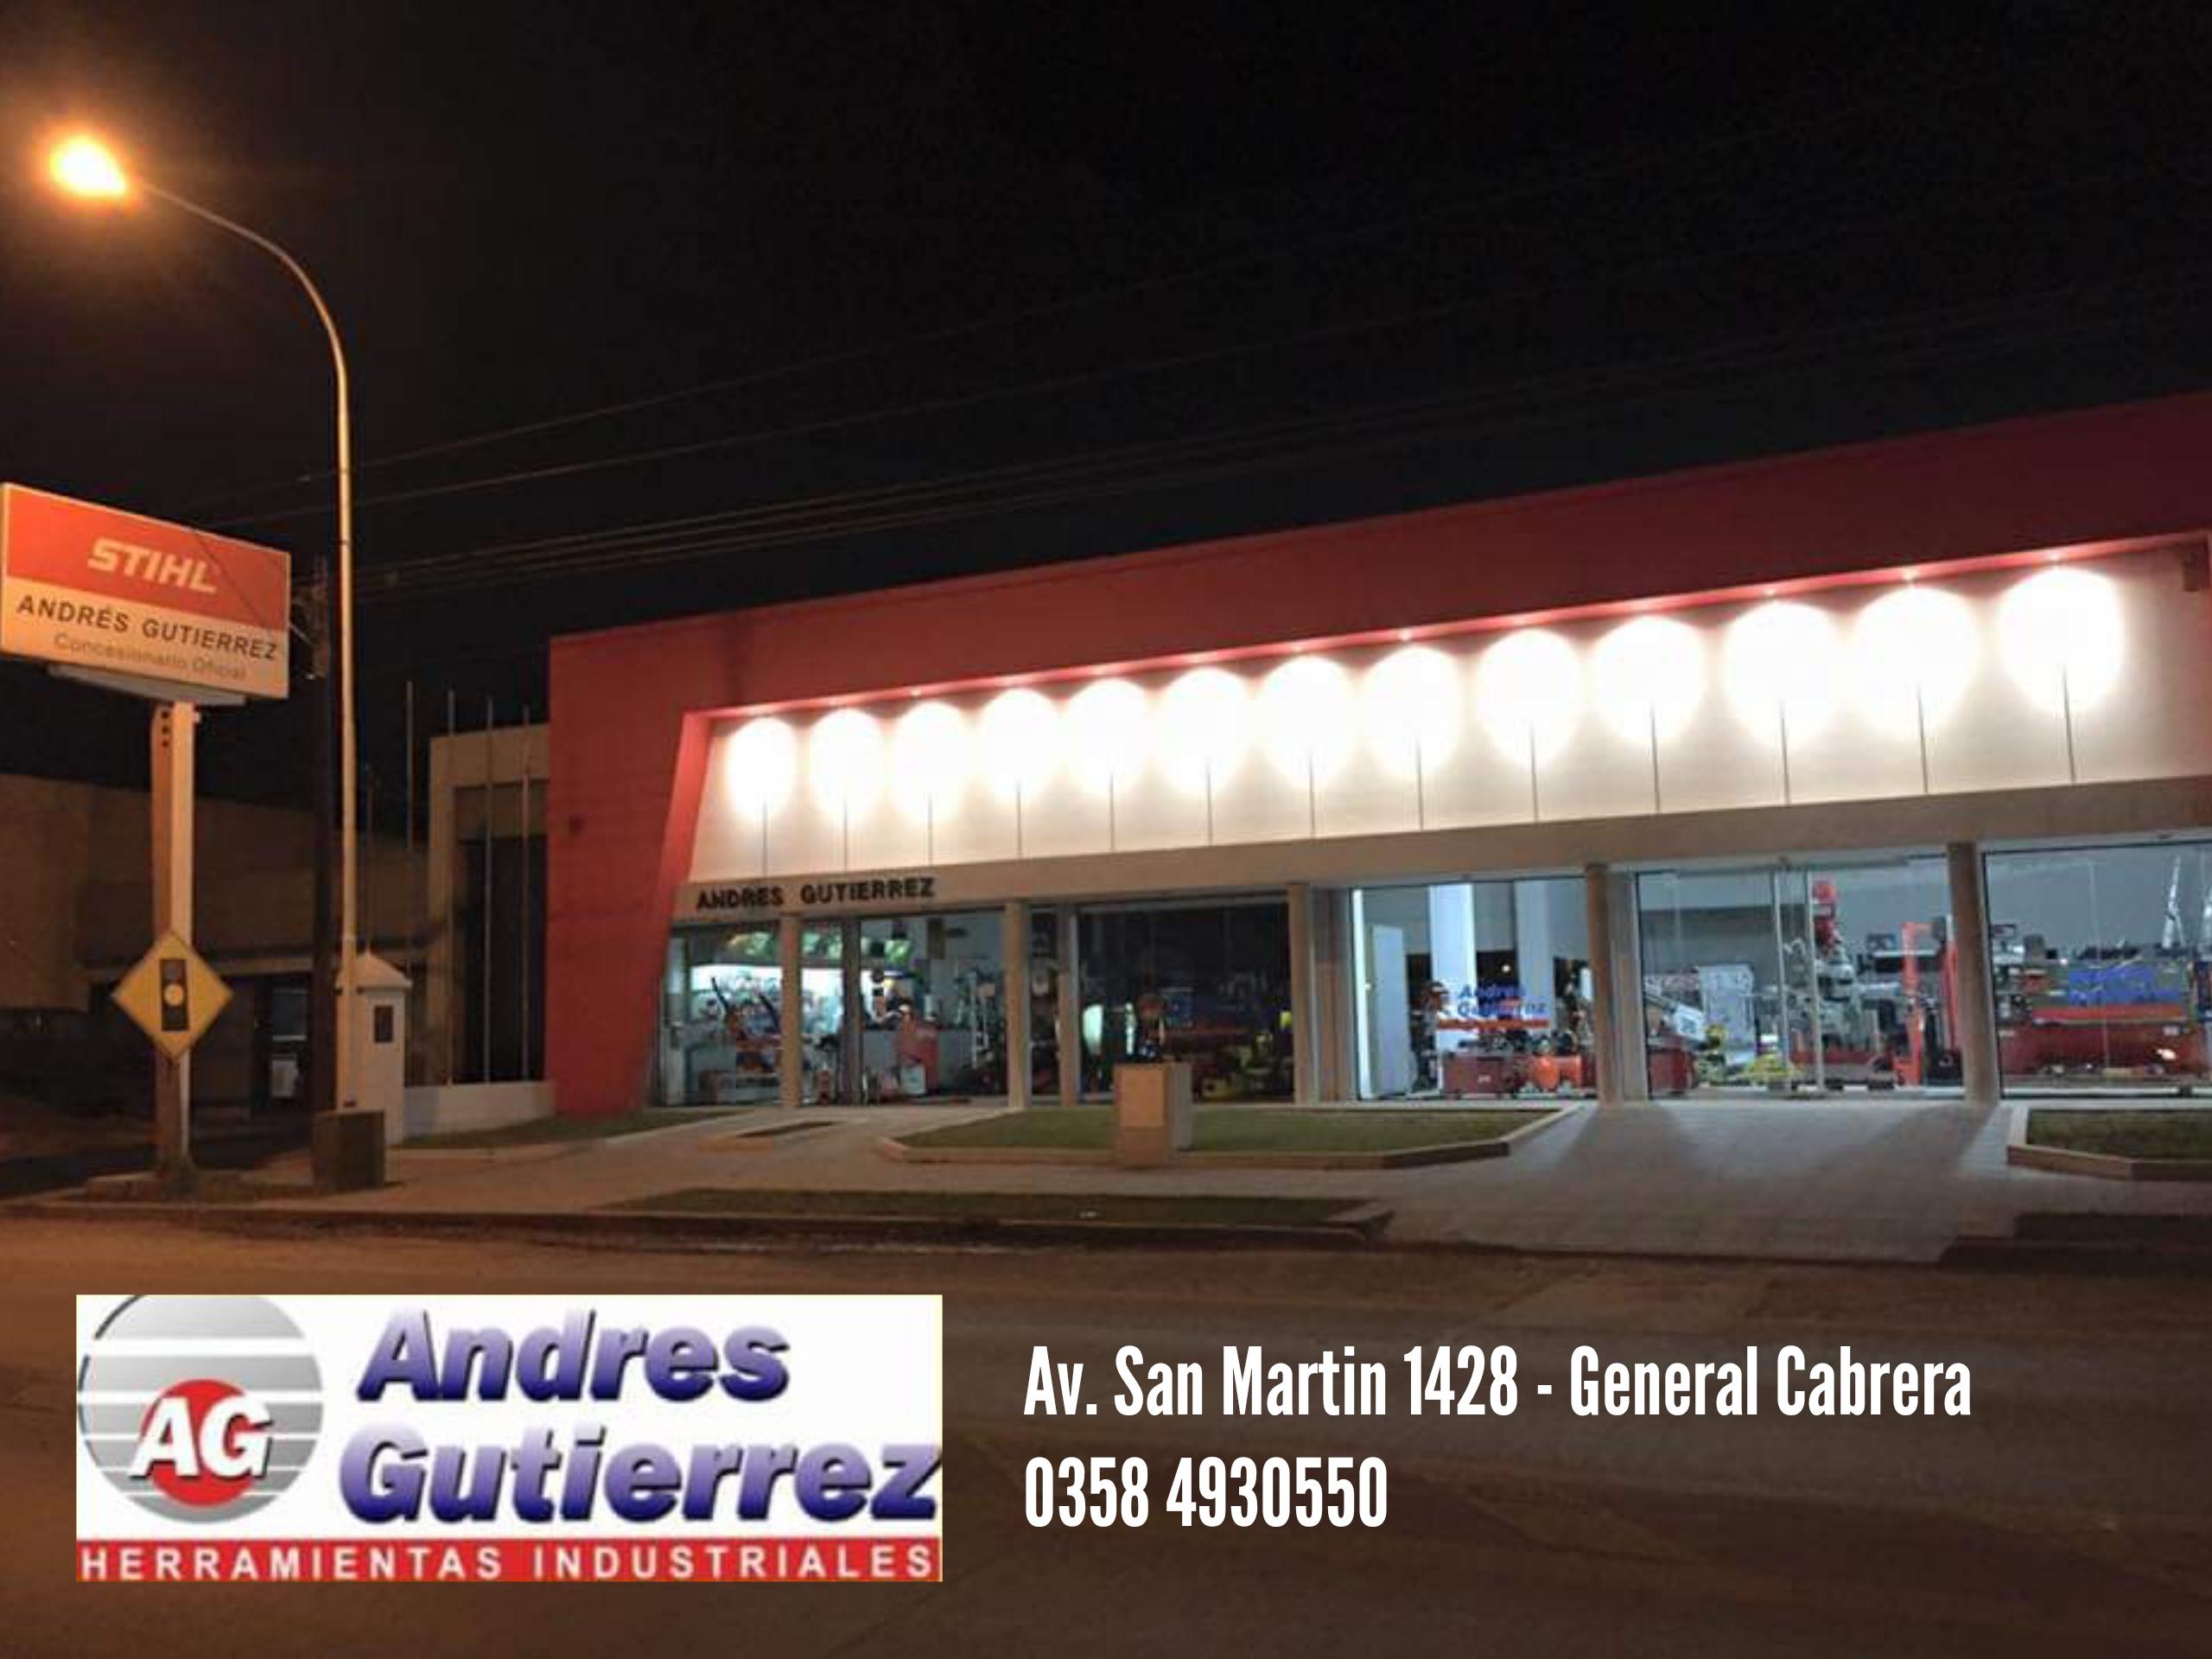 herramientas industriales Andrés Gutiérrez general cabrera